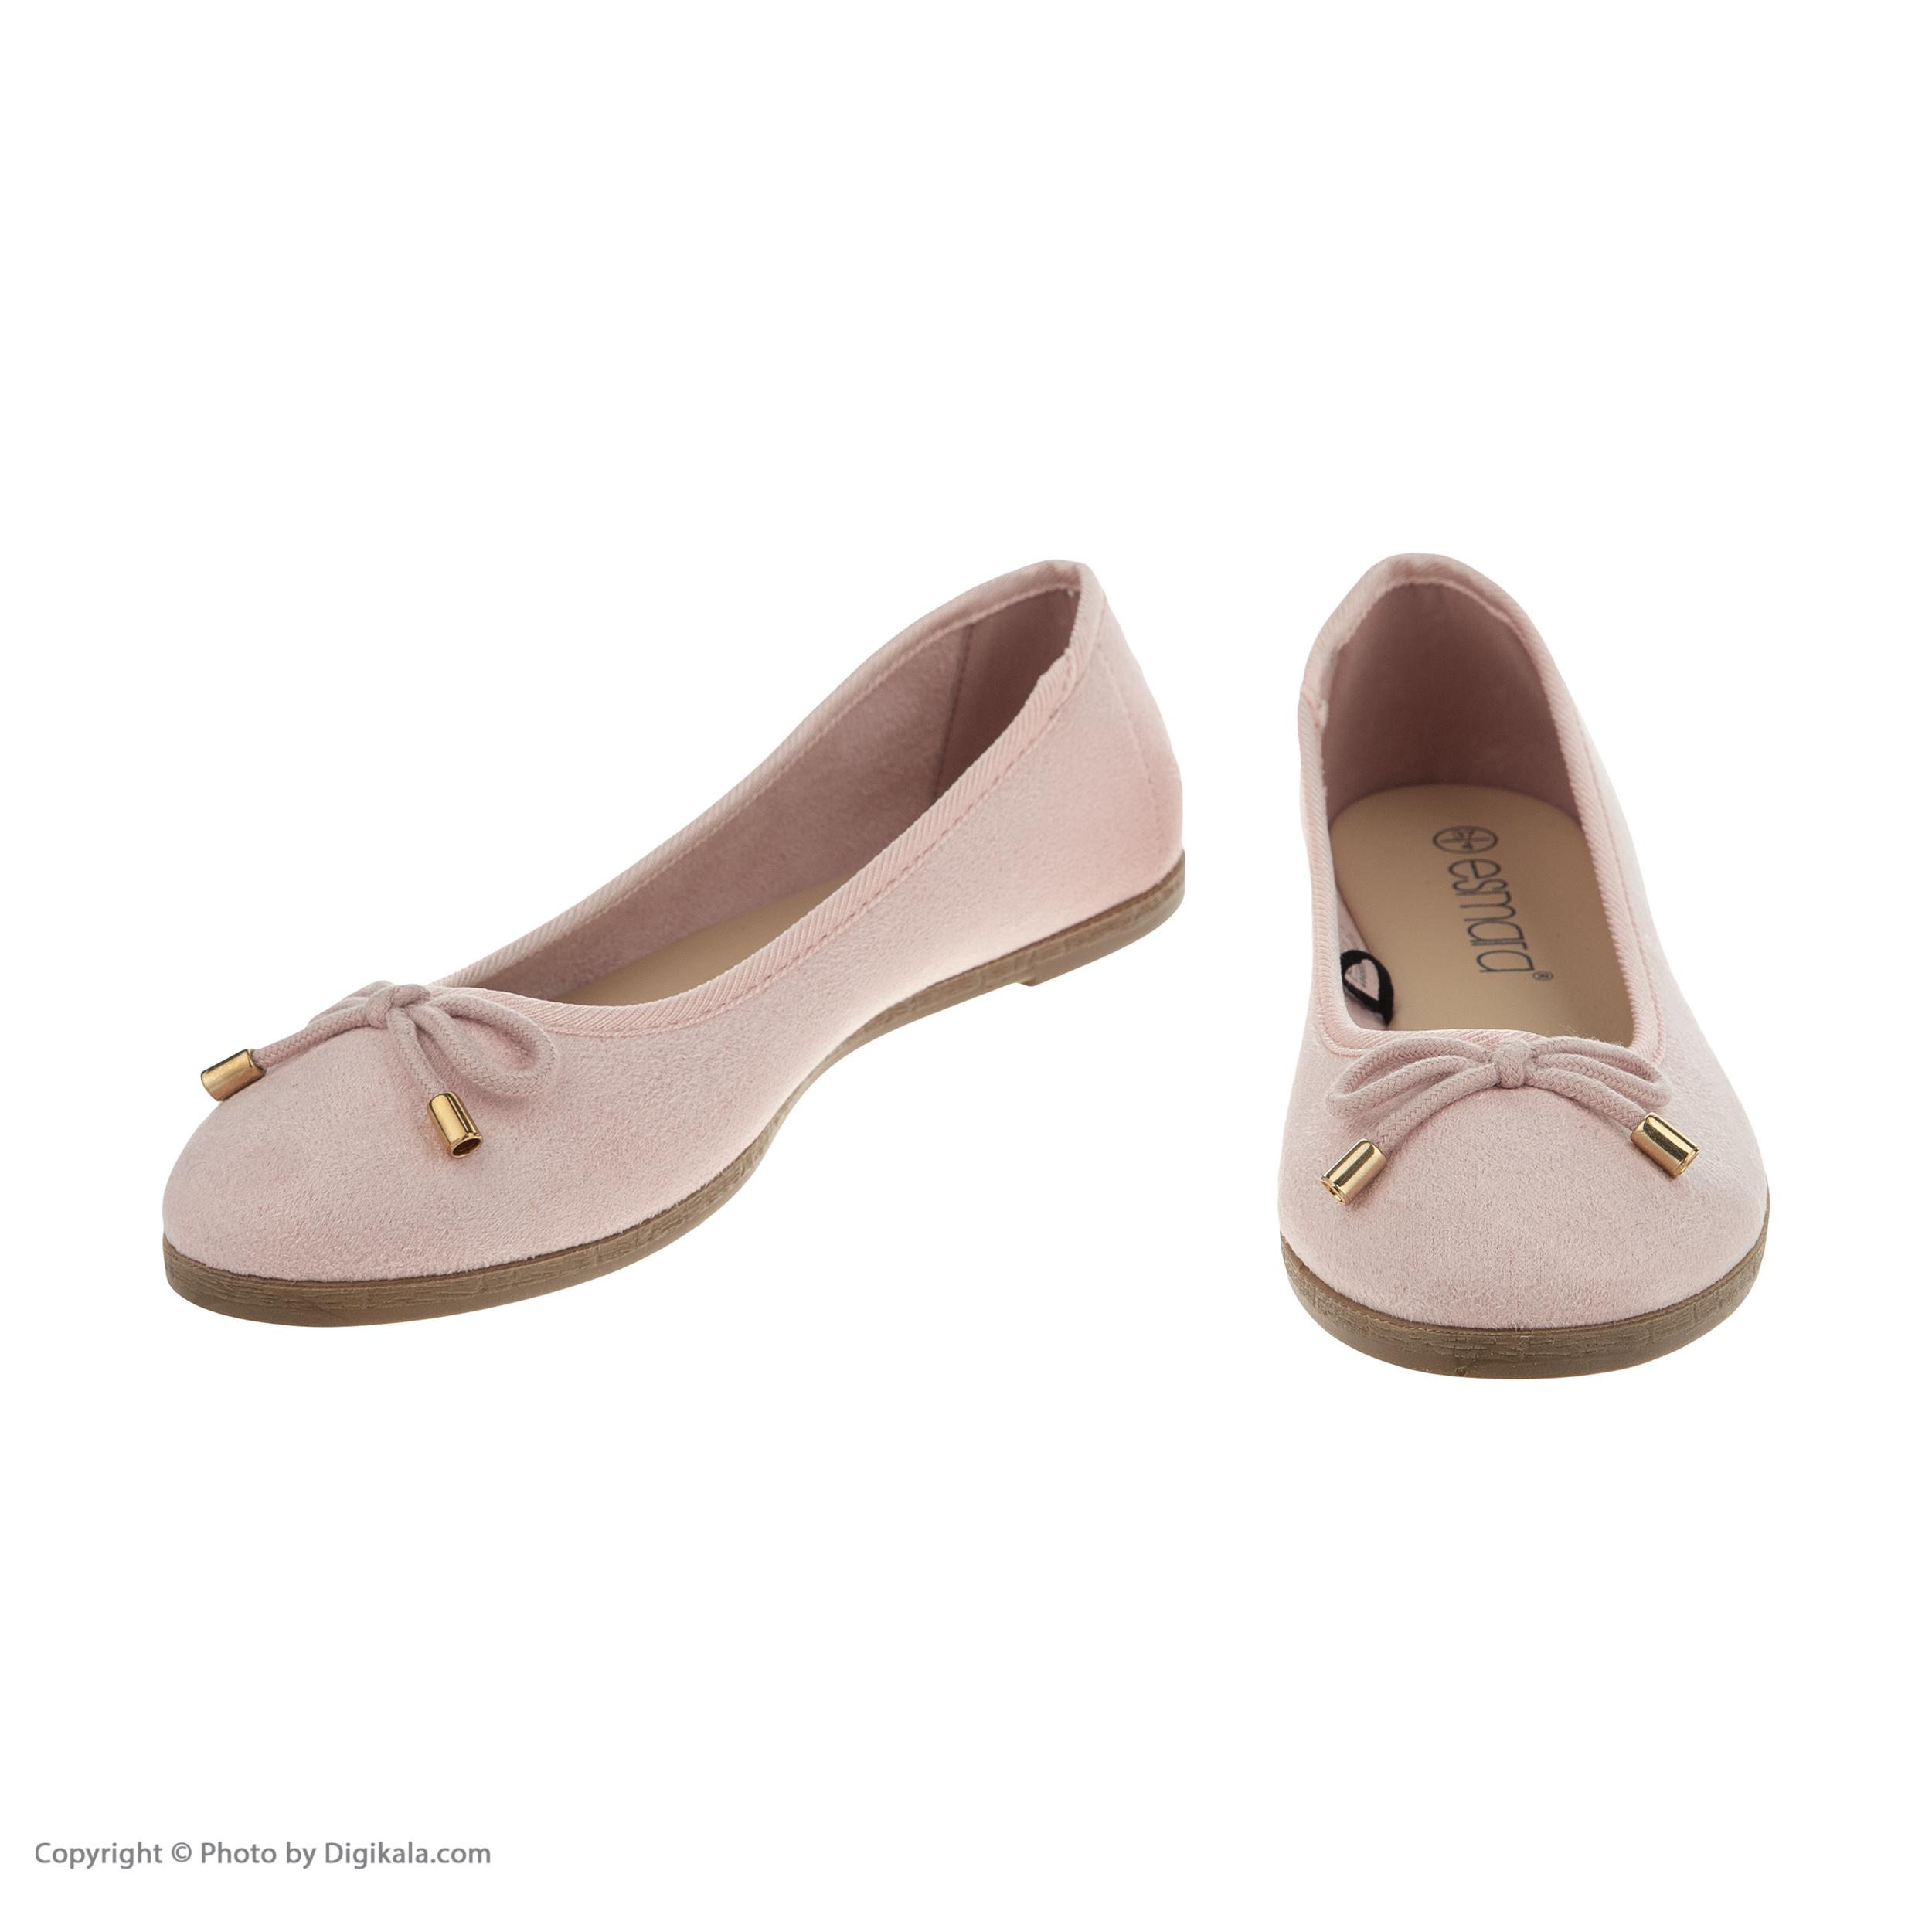 کفش زنانه اسمارا کد Esh05 -  - 6